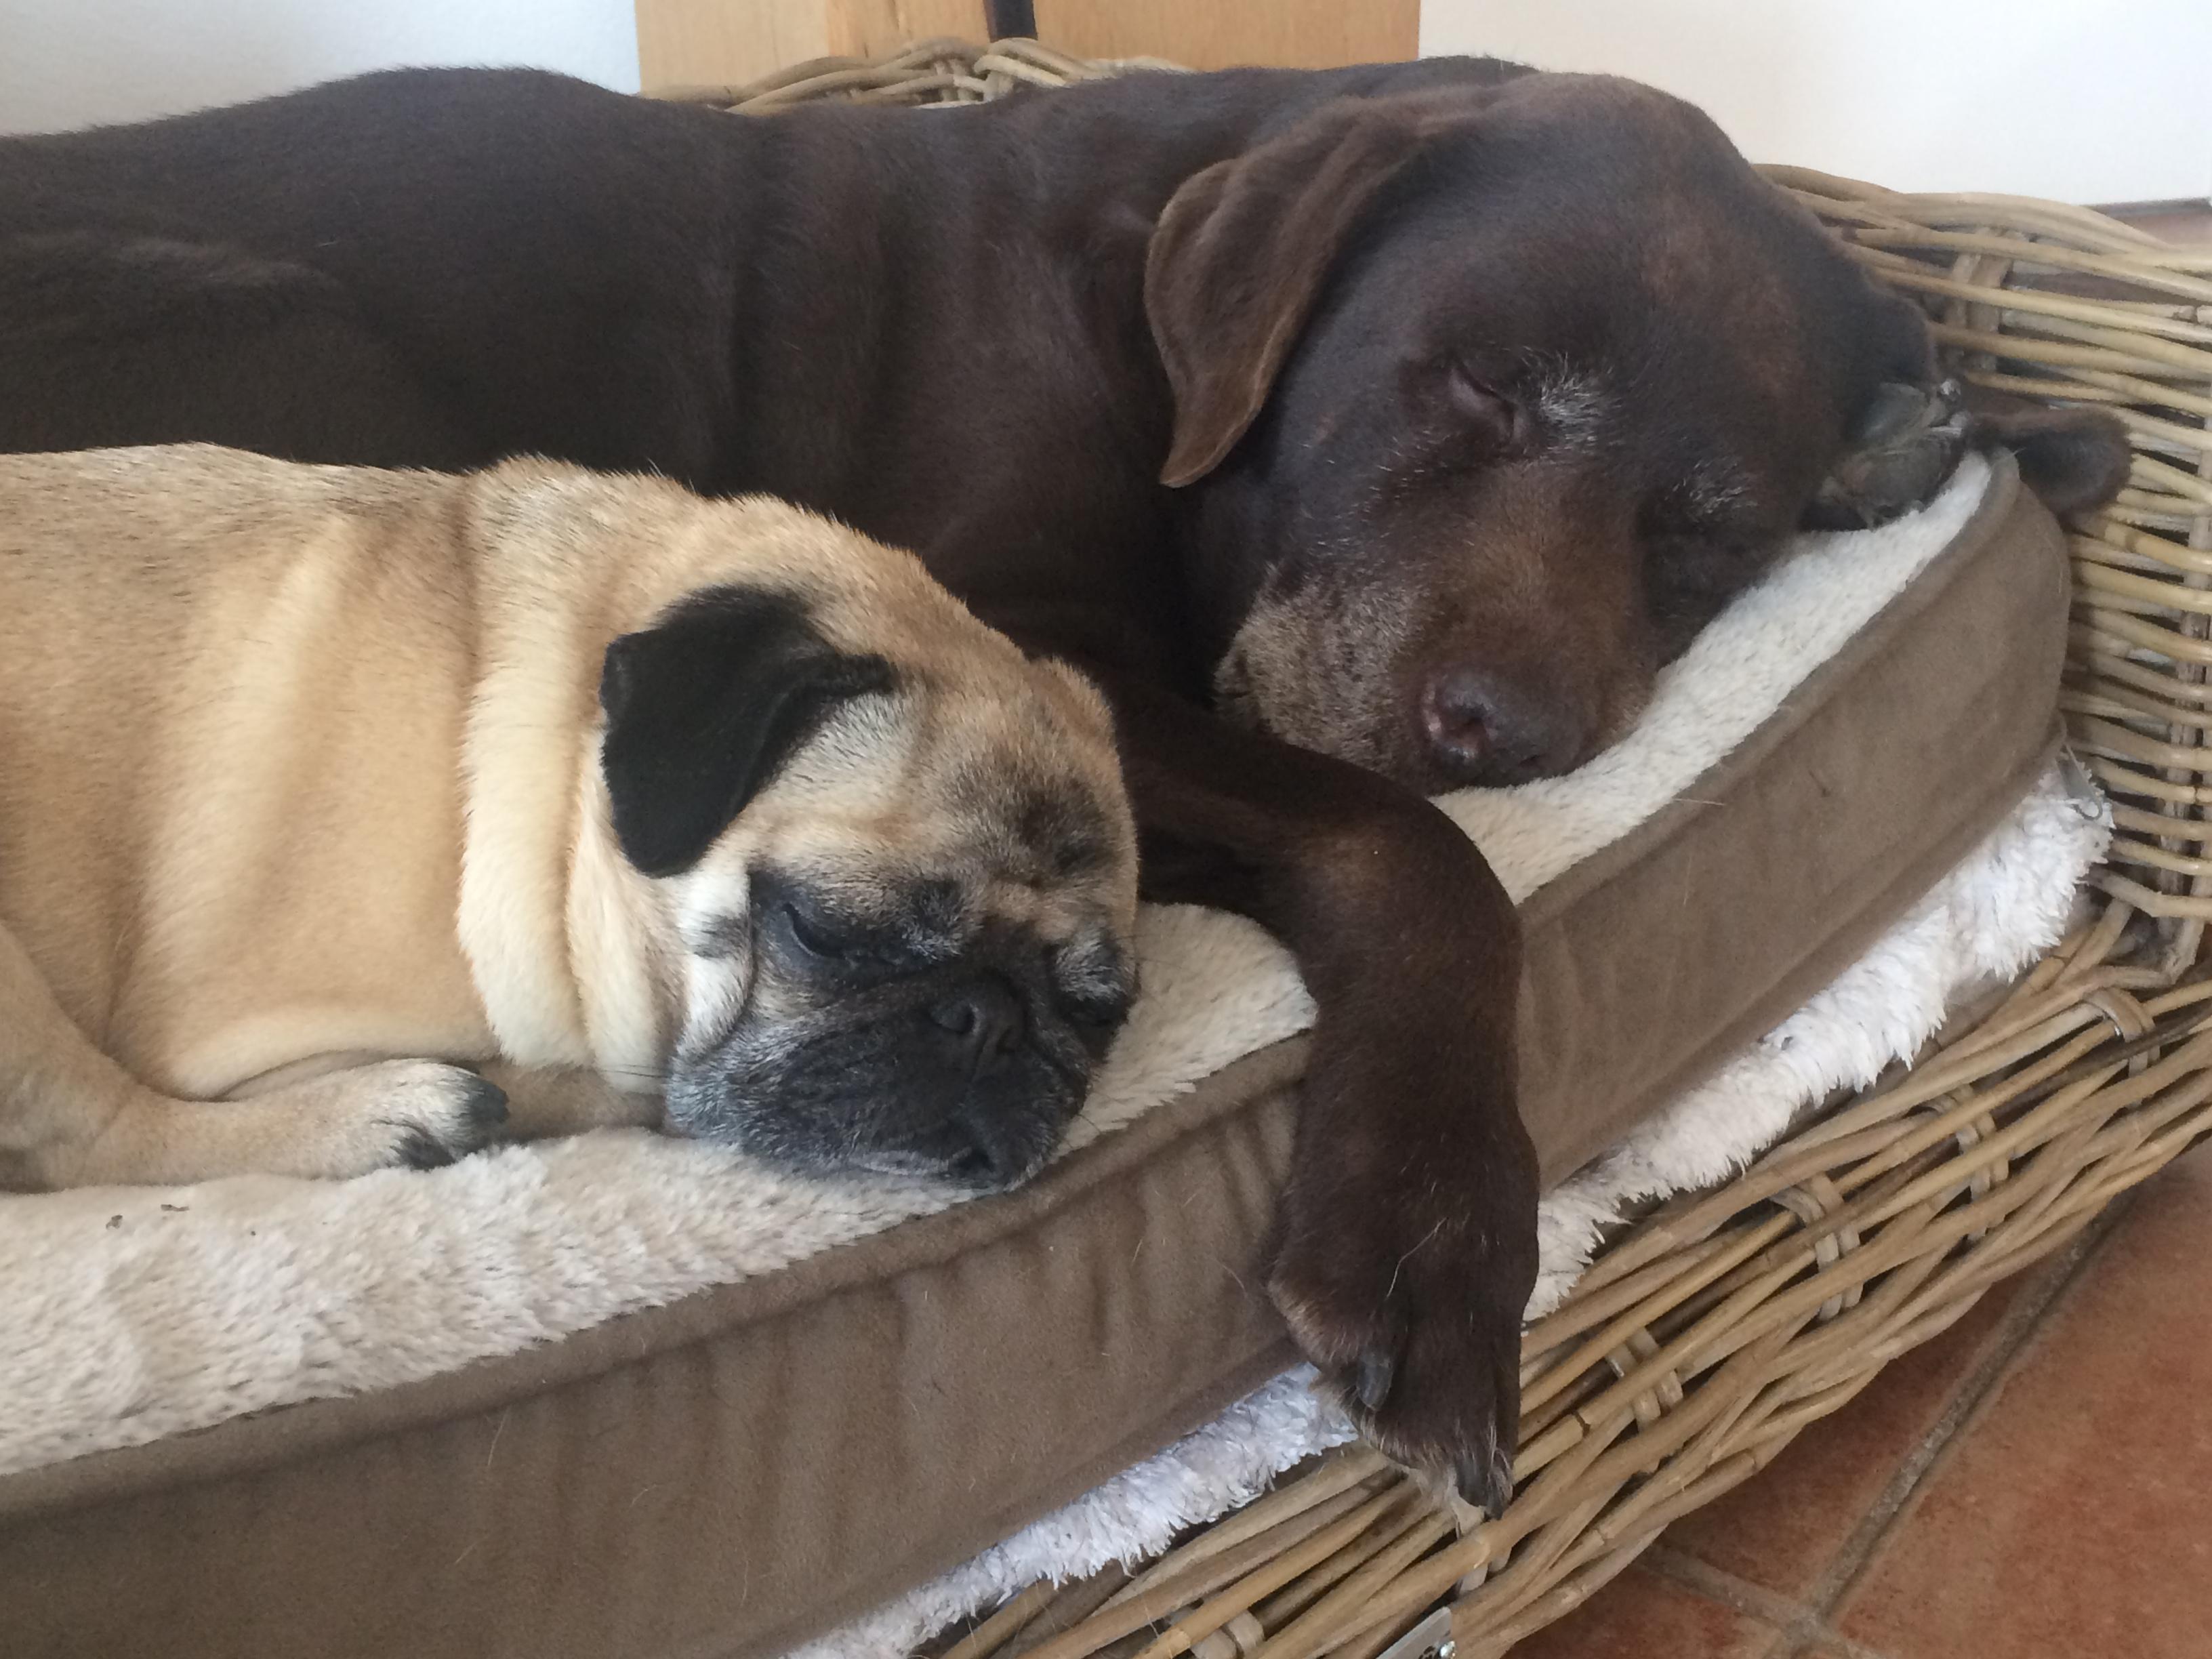 Keinen Maulgeruch-Mops und Labrador Nach Zahnpflege,Schlafen